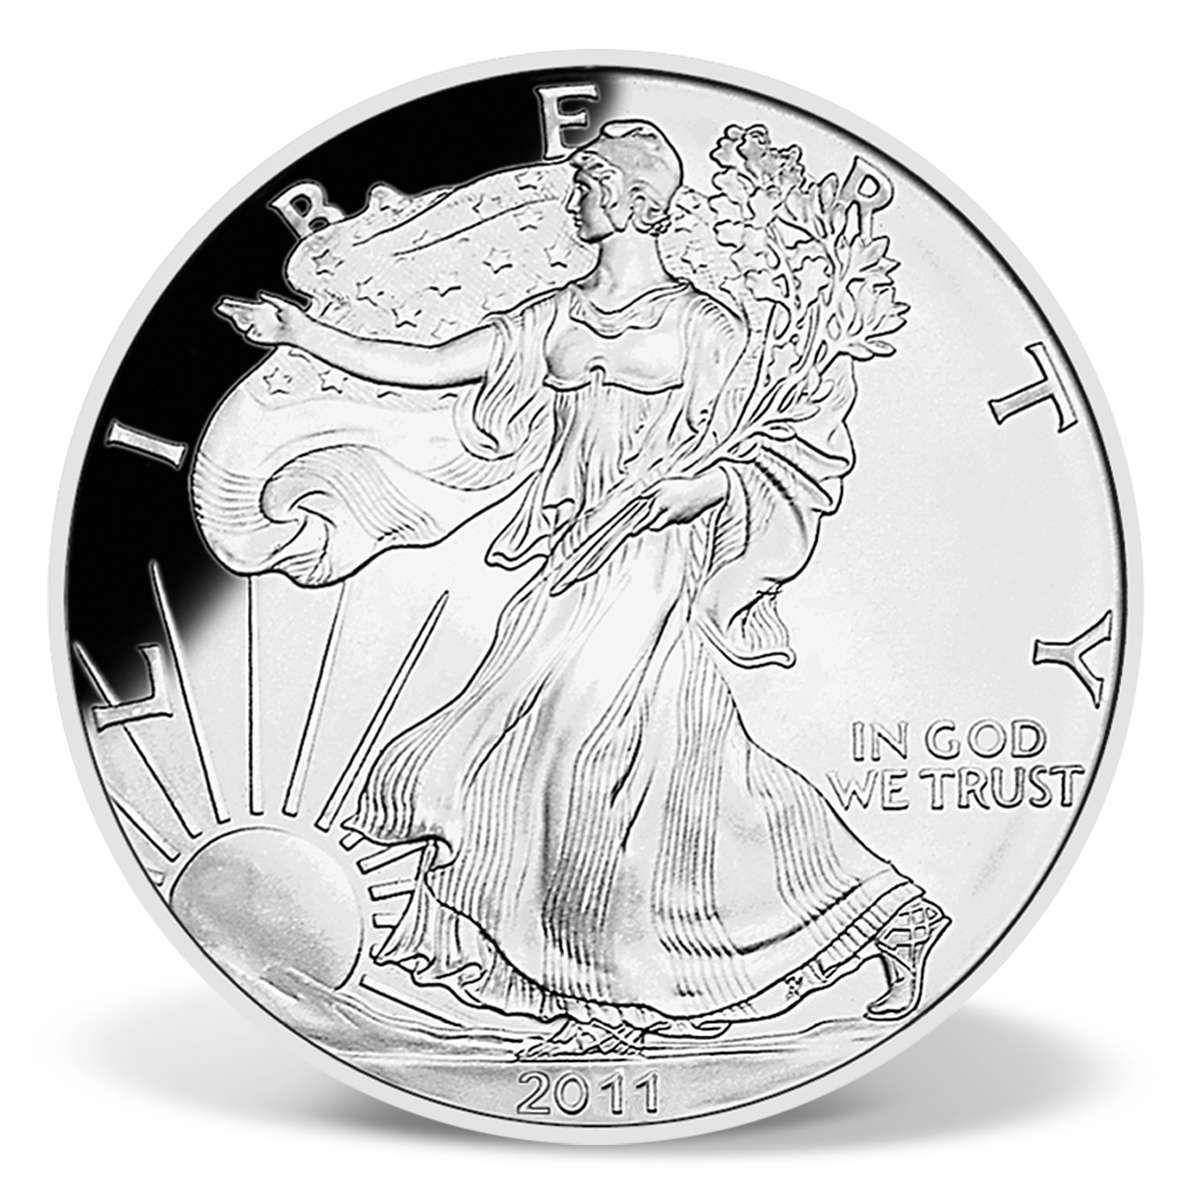 2011 Half Pound Silver Eagle Replica Coin Bullion Coins Silver Eagle Coins Silver Eagles